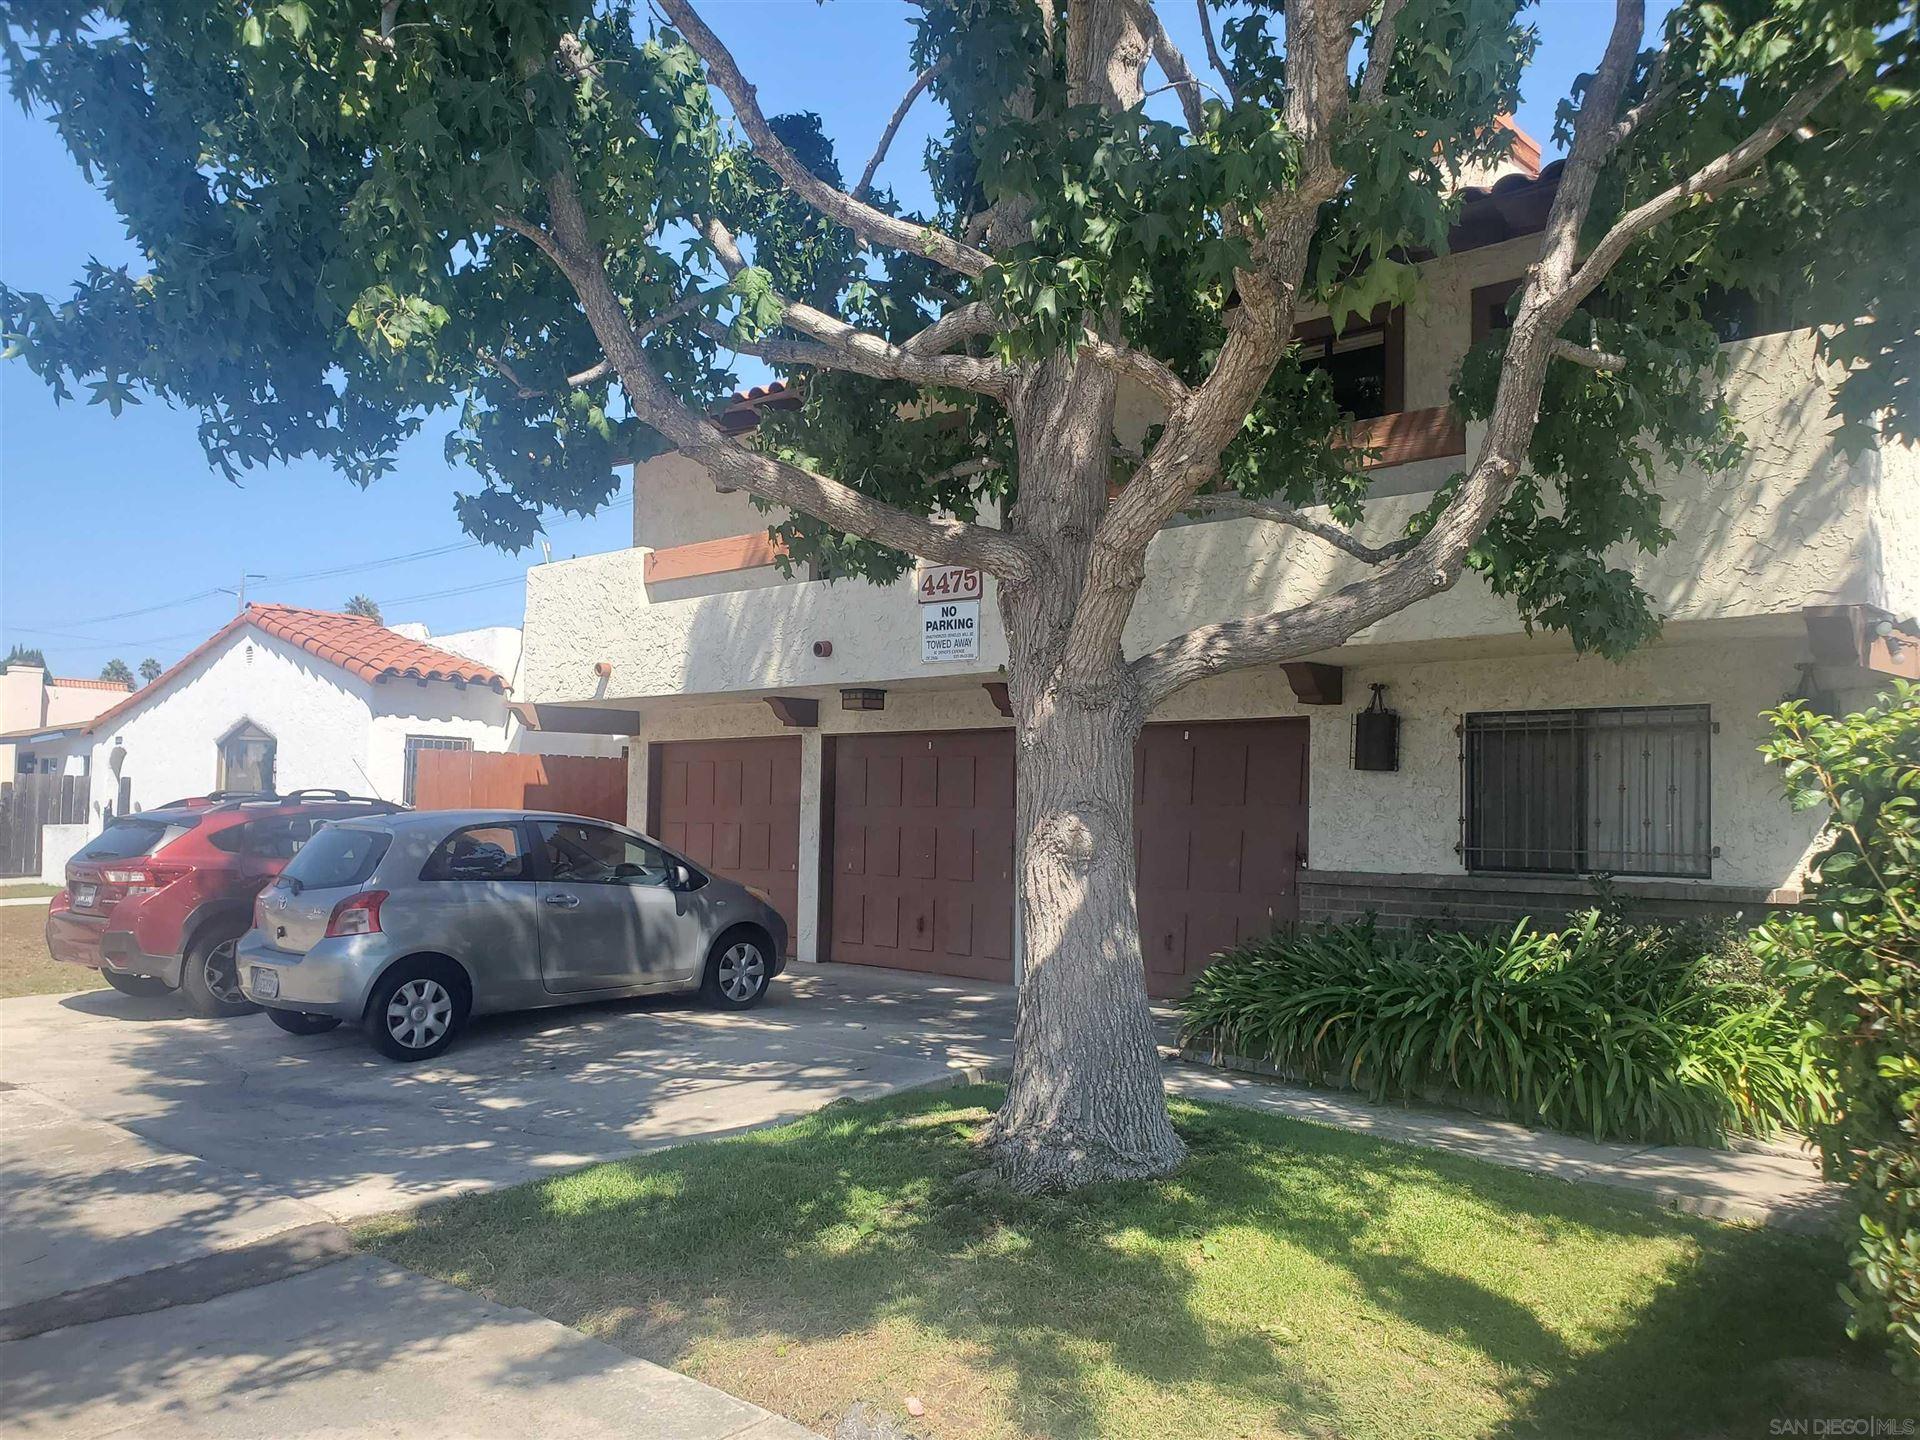 4475 UTAH ST. #2, San Diego, CA 92104 - MLS#: 210026131